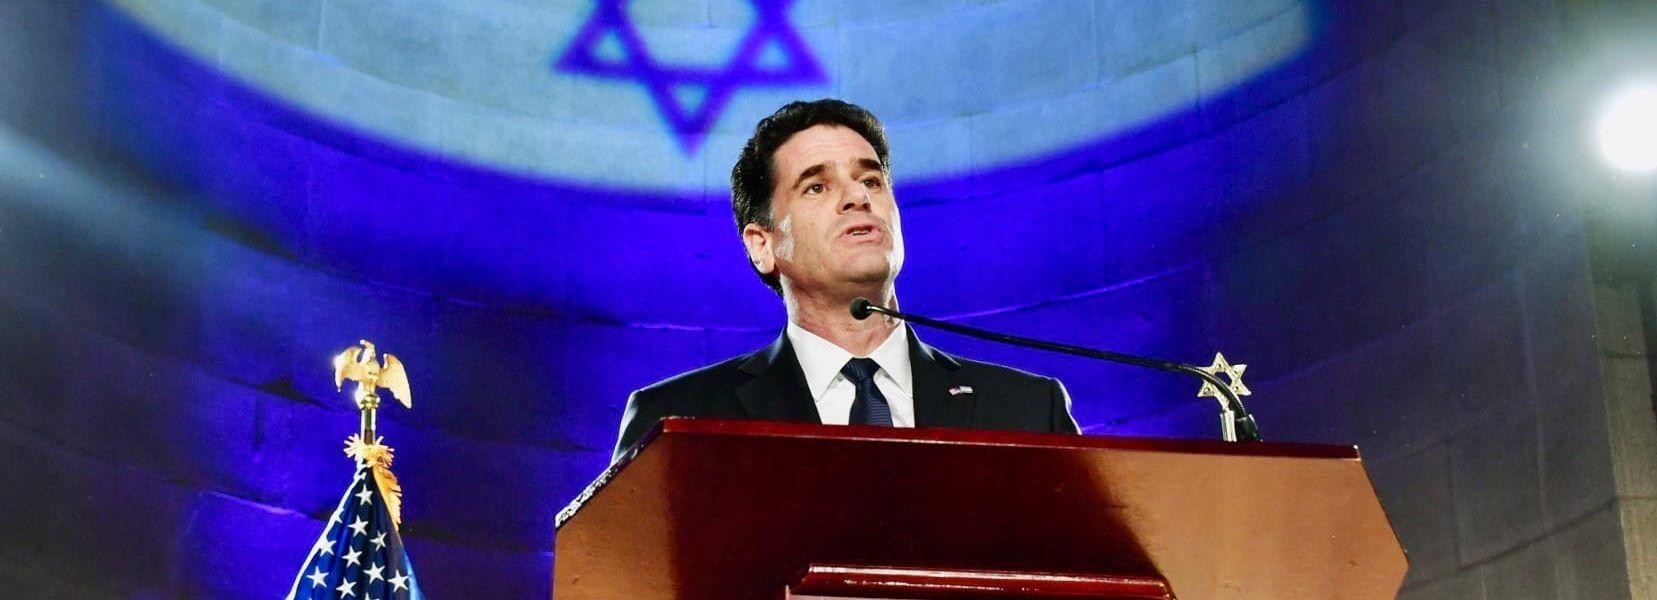 רון דרמר, שגריר ישראל בוושינגטון. התמונה צולמה ע